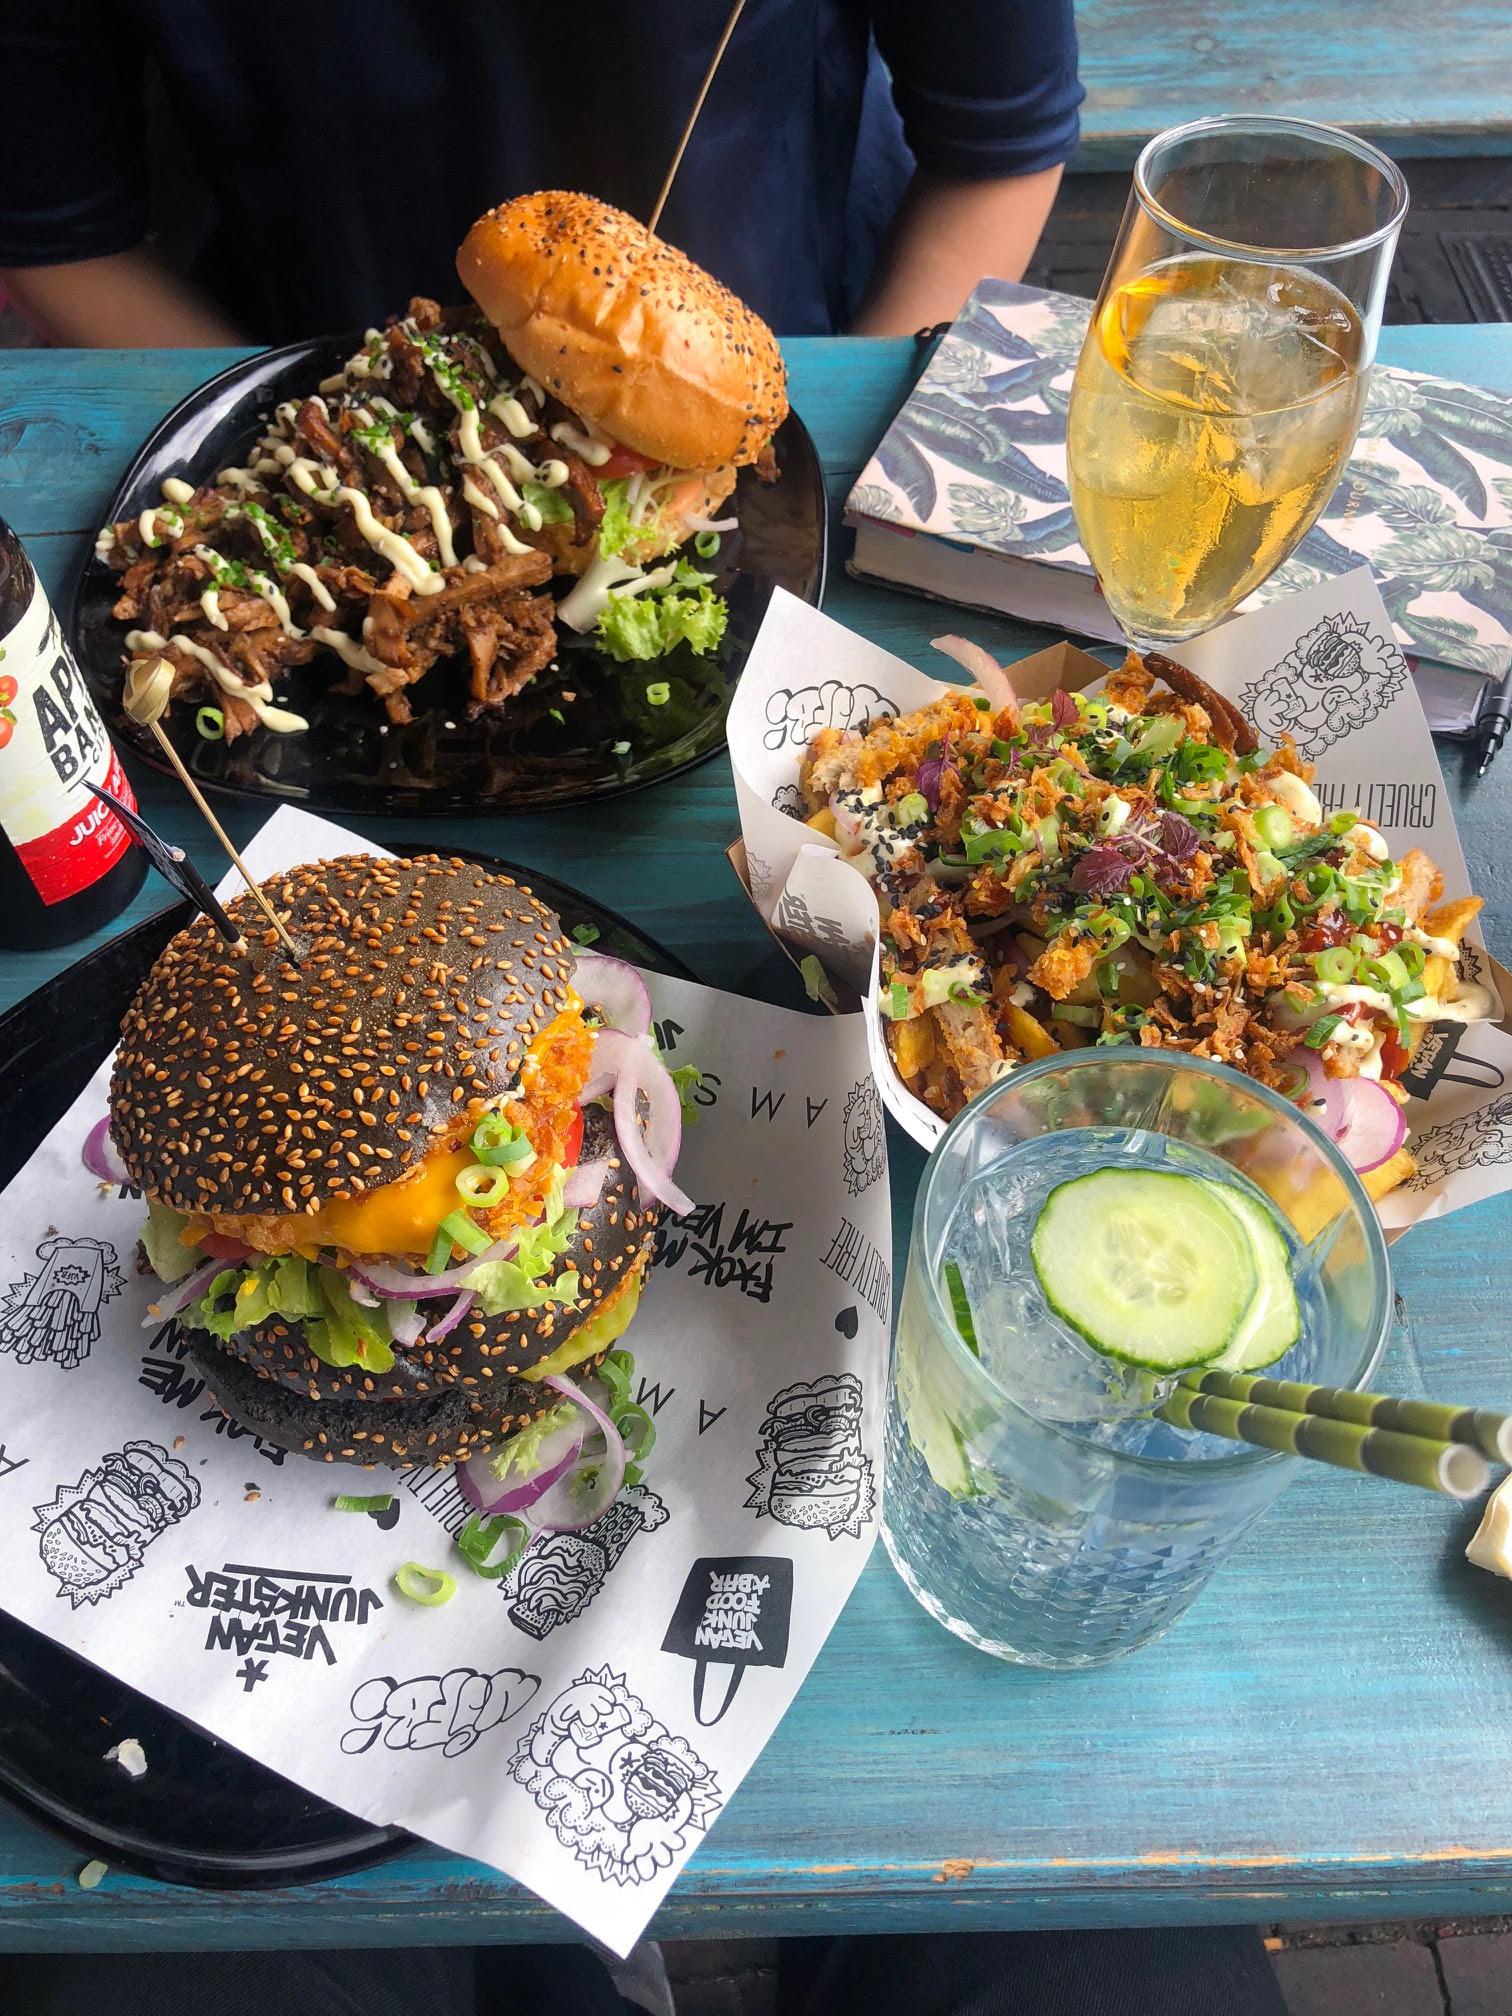 vegan junk food bar amsterdam, vegetarian food and desserts in Amsterdam